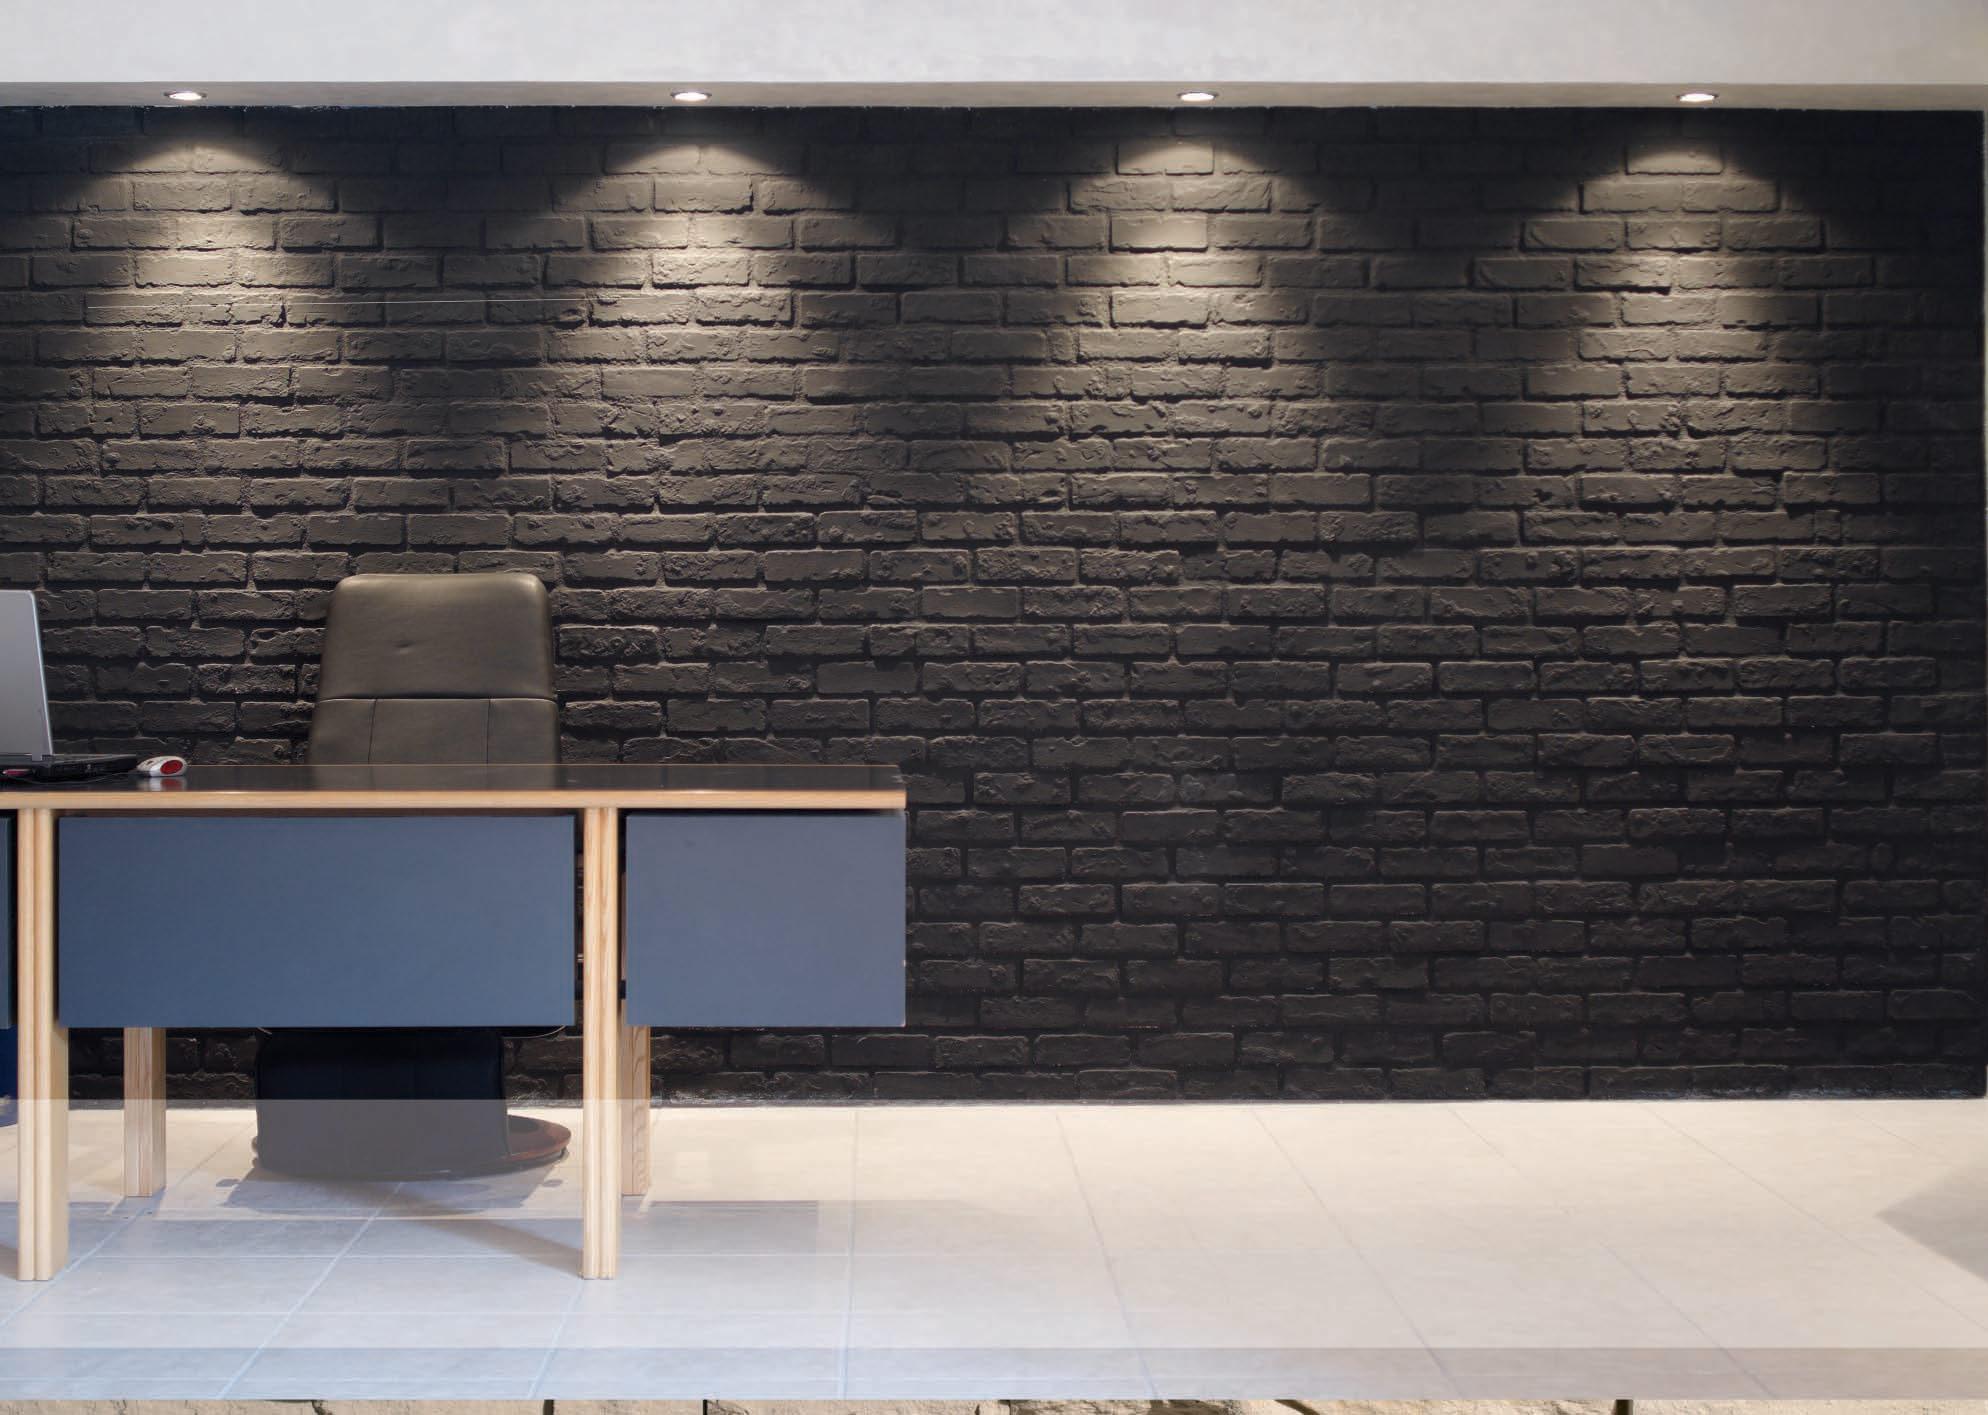 Mattoni moderni per interni gallery of pareti in pietra per interni moderni pareti in pietra - Pareti a mattoncini per interni ...